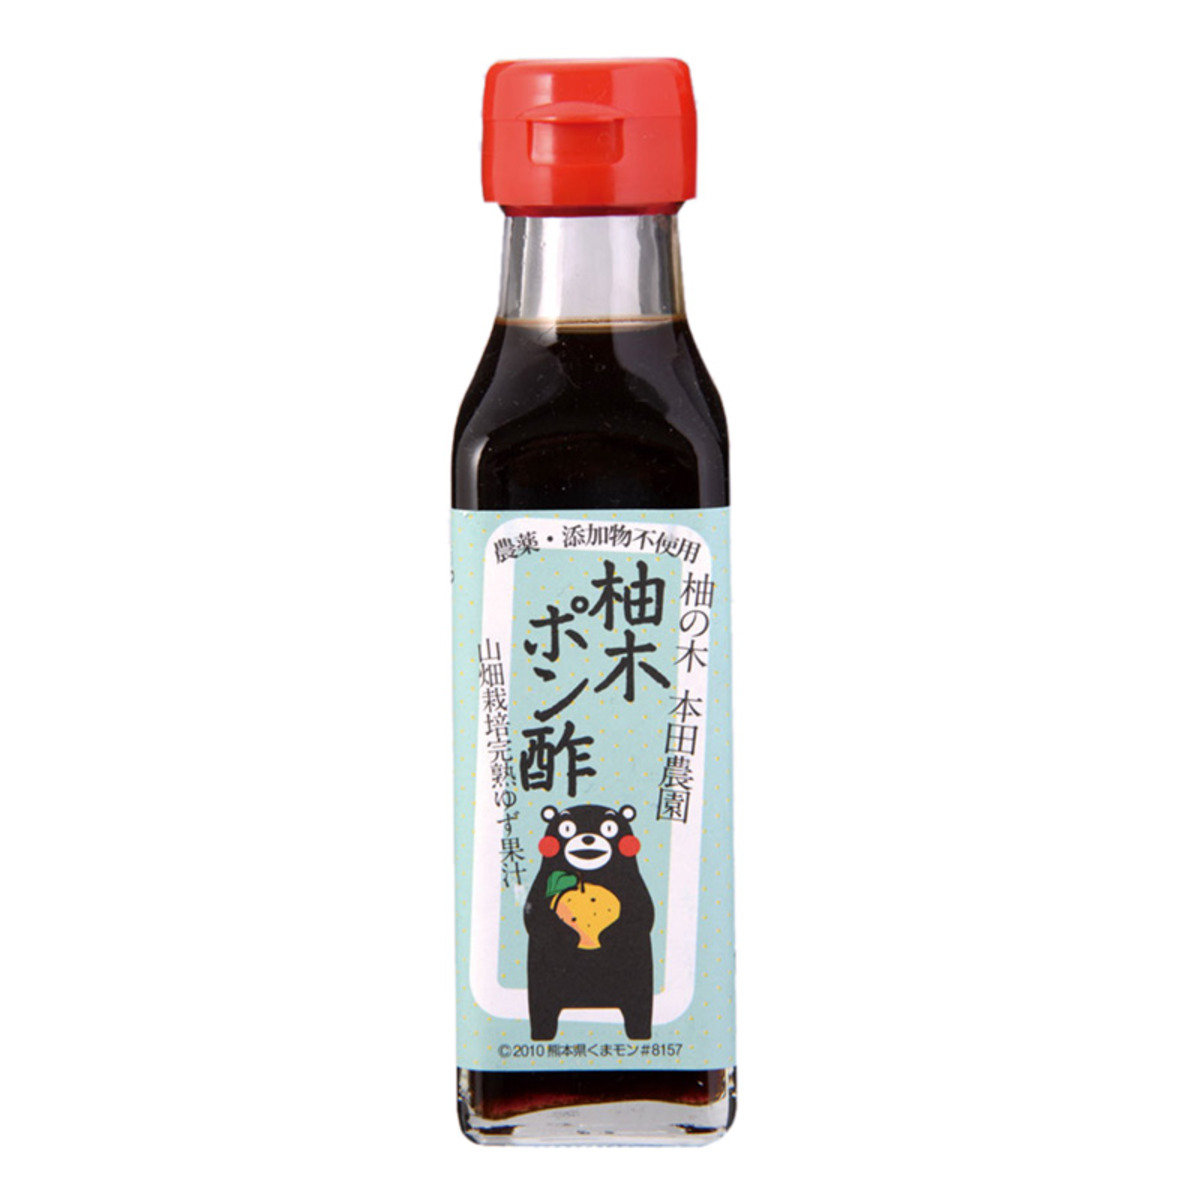 柚子醋 (120毫升)